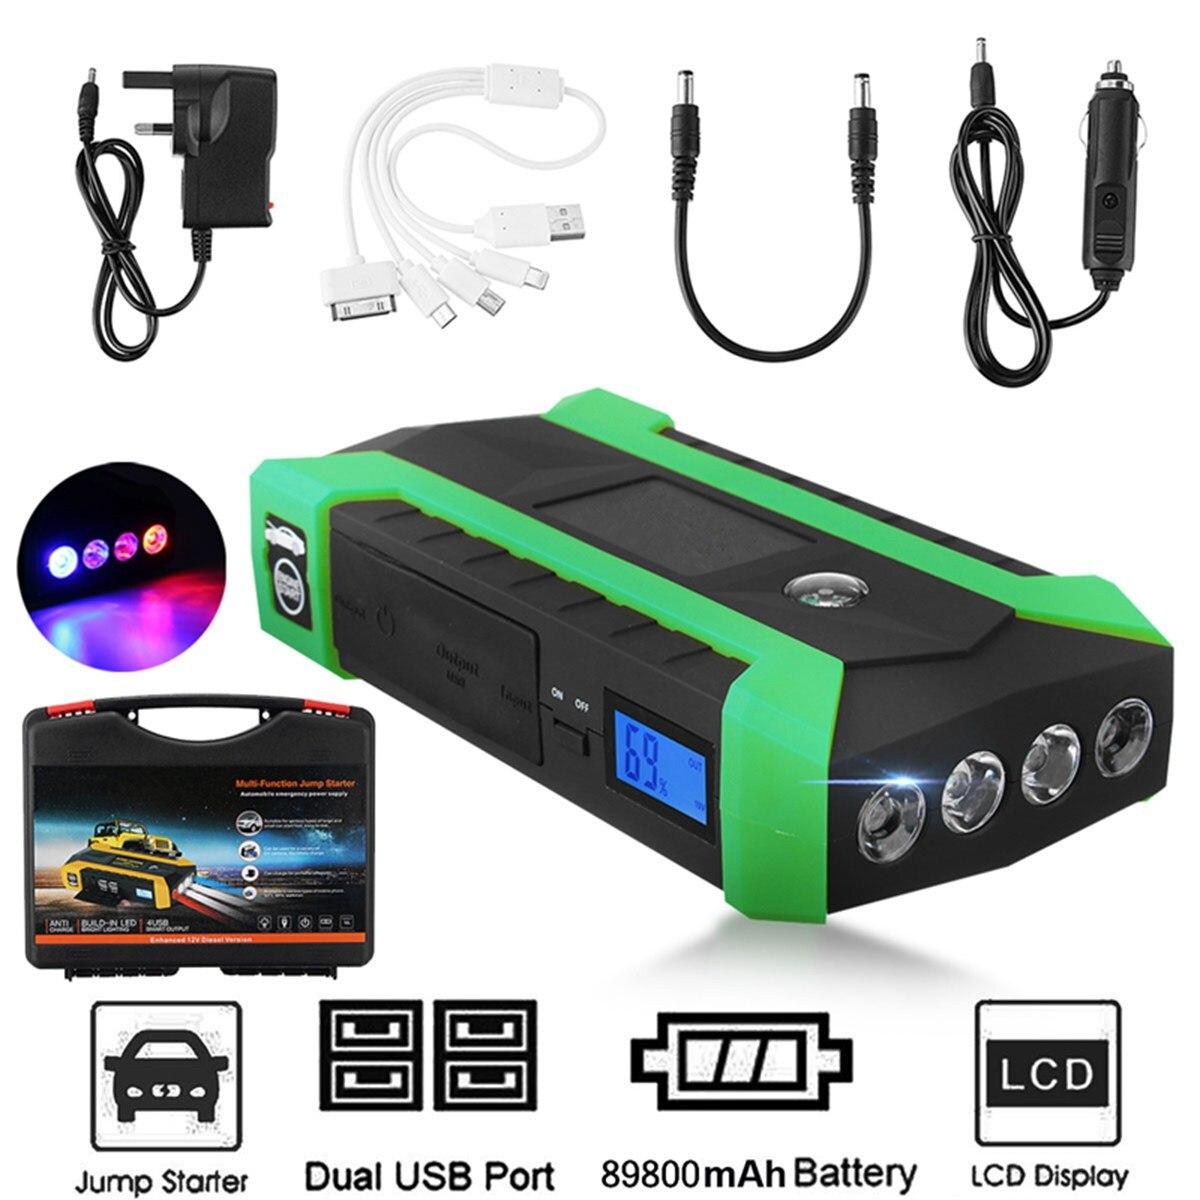 Полезная 89800 mAh 12 V 4USB Многофункциональный автомобиль Зарядное устройство Батарея скачок стартер светодиодный свет авто чрезвычайным Mobile Мо...